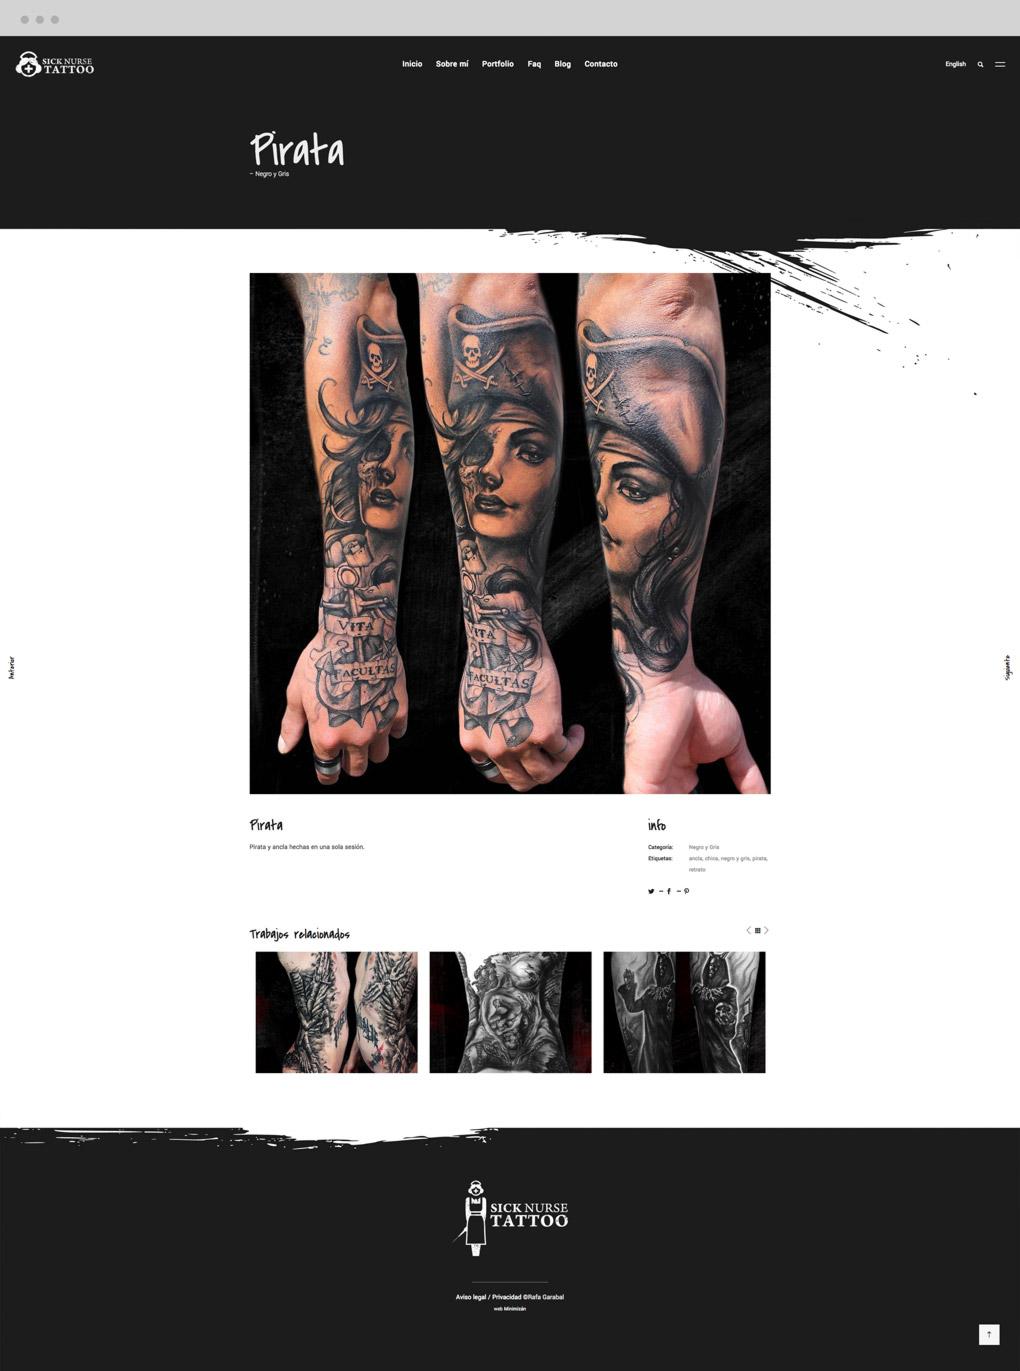 presentación de trabajo de Sick Nurse Tattoo